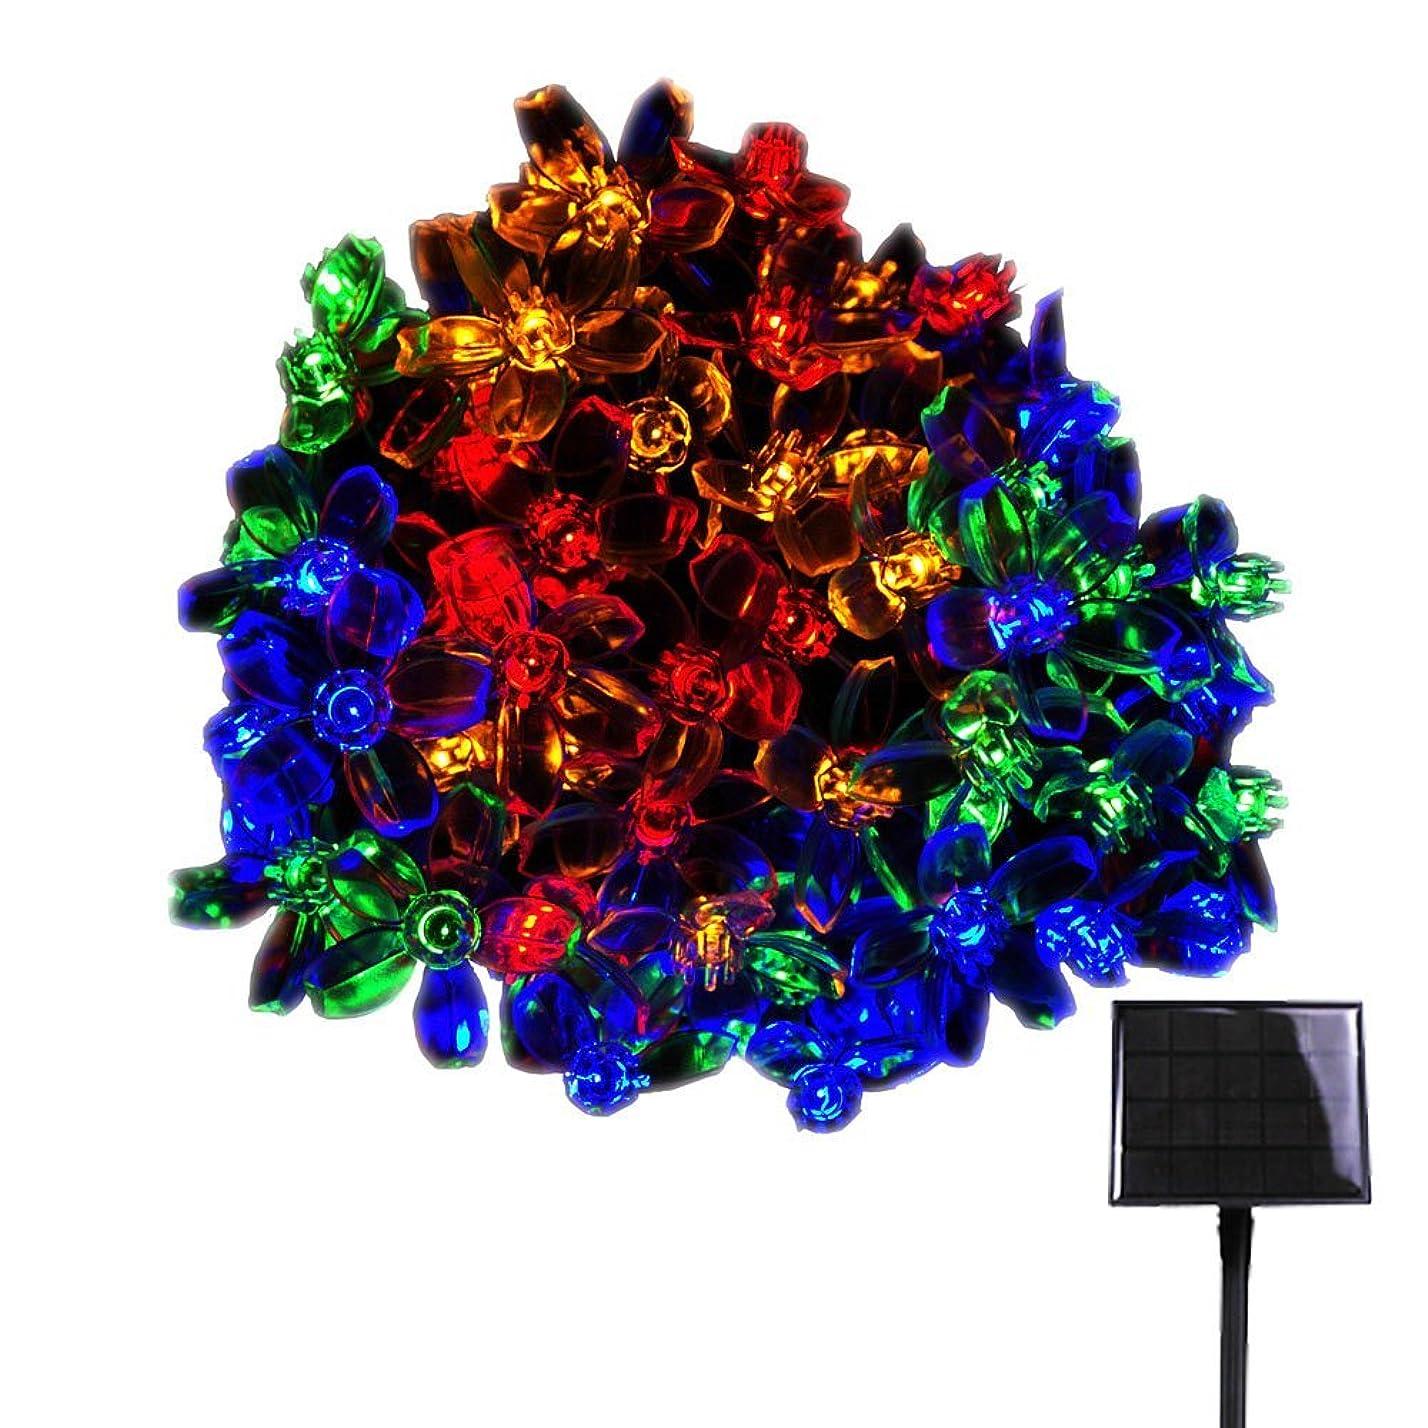 進む試験変換RPGT ソーラー LEDイルミネーションライト 33m 300LED 桜の花 ソーラーライトストリング USB充電式 防水 8ライトモード ソーラー充電式 さくらタイプ クリスマスガーデン装飾ライトストリング 屋外、クリスマスツリー、ガーデン、誕生日、バレンタイン、ウェディングパーティーデコレーション(マルチカラー)